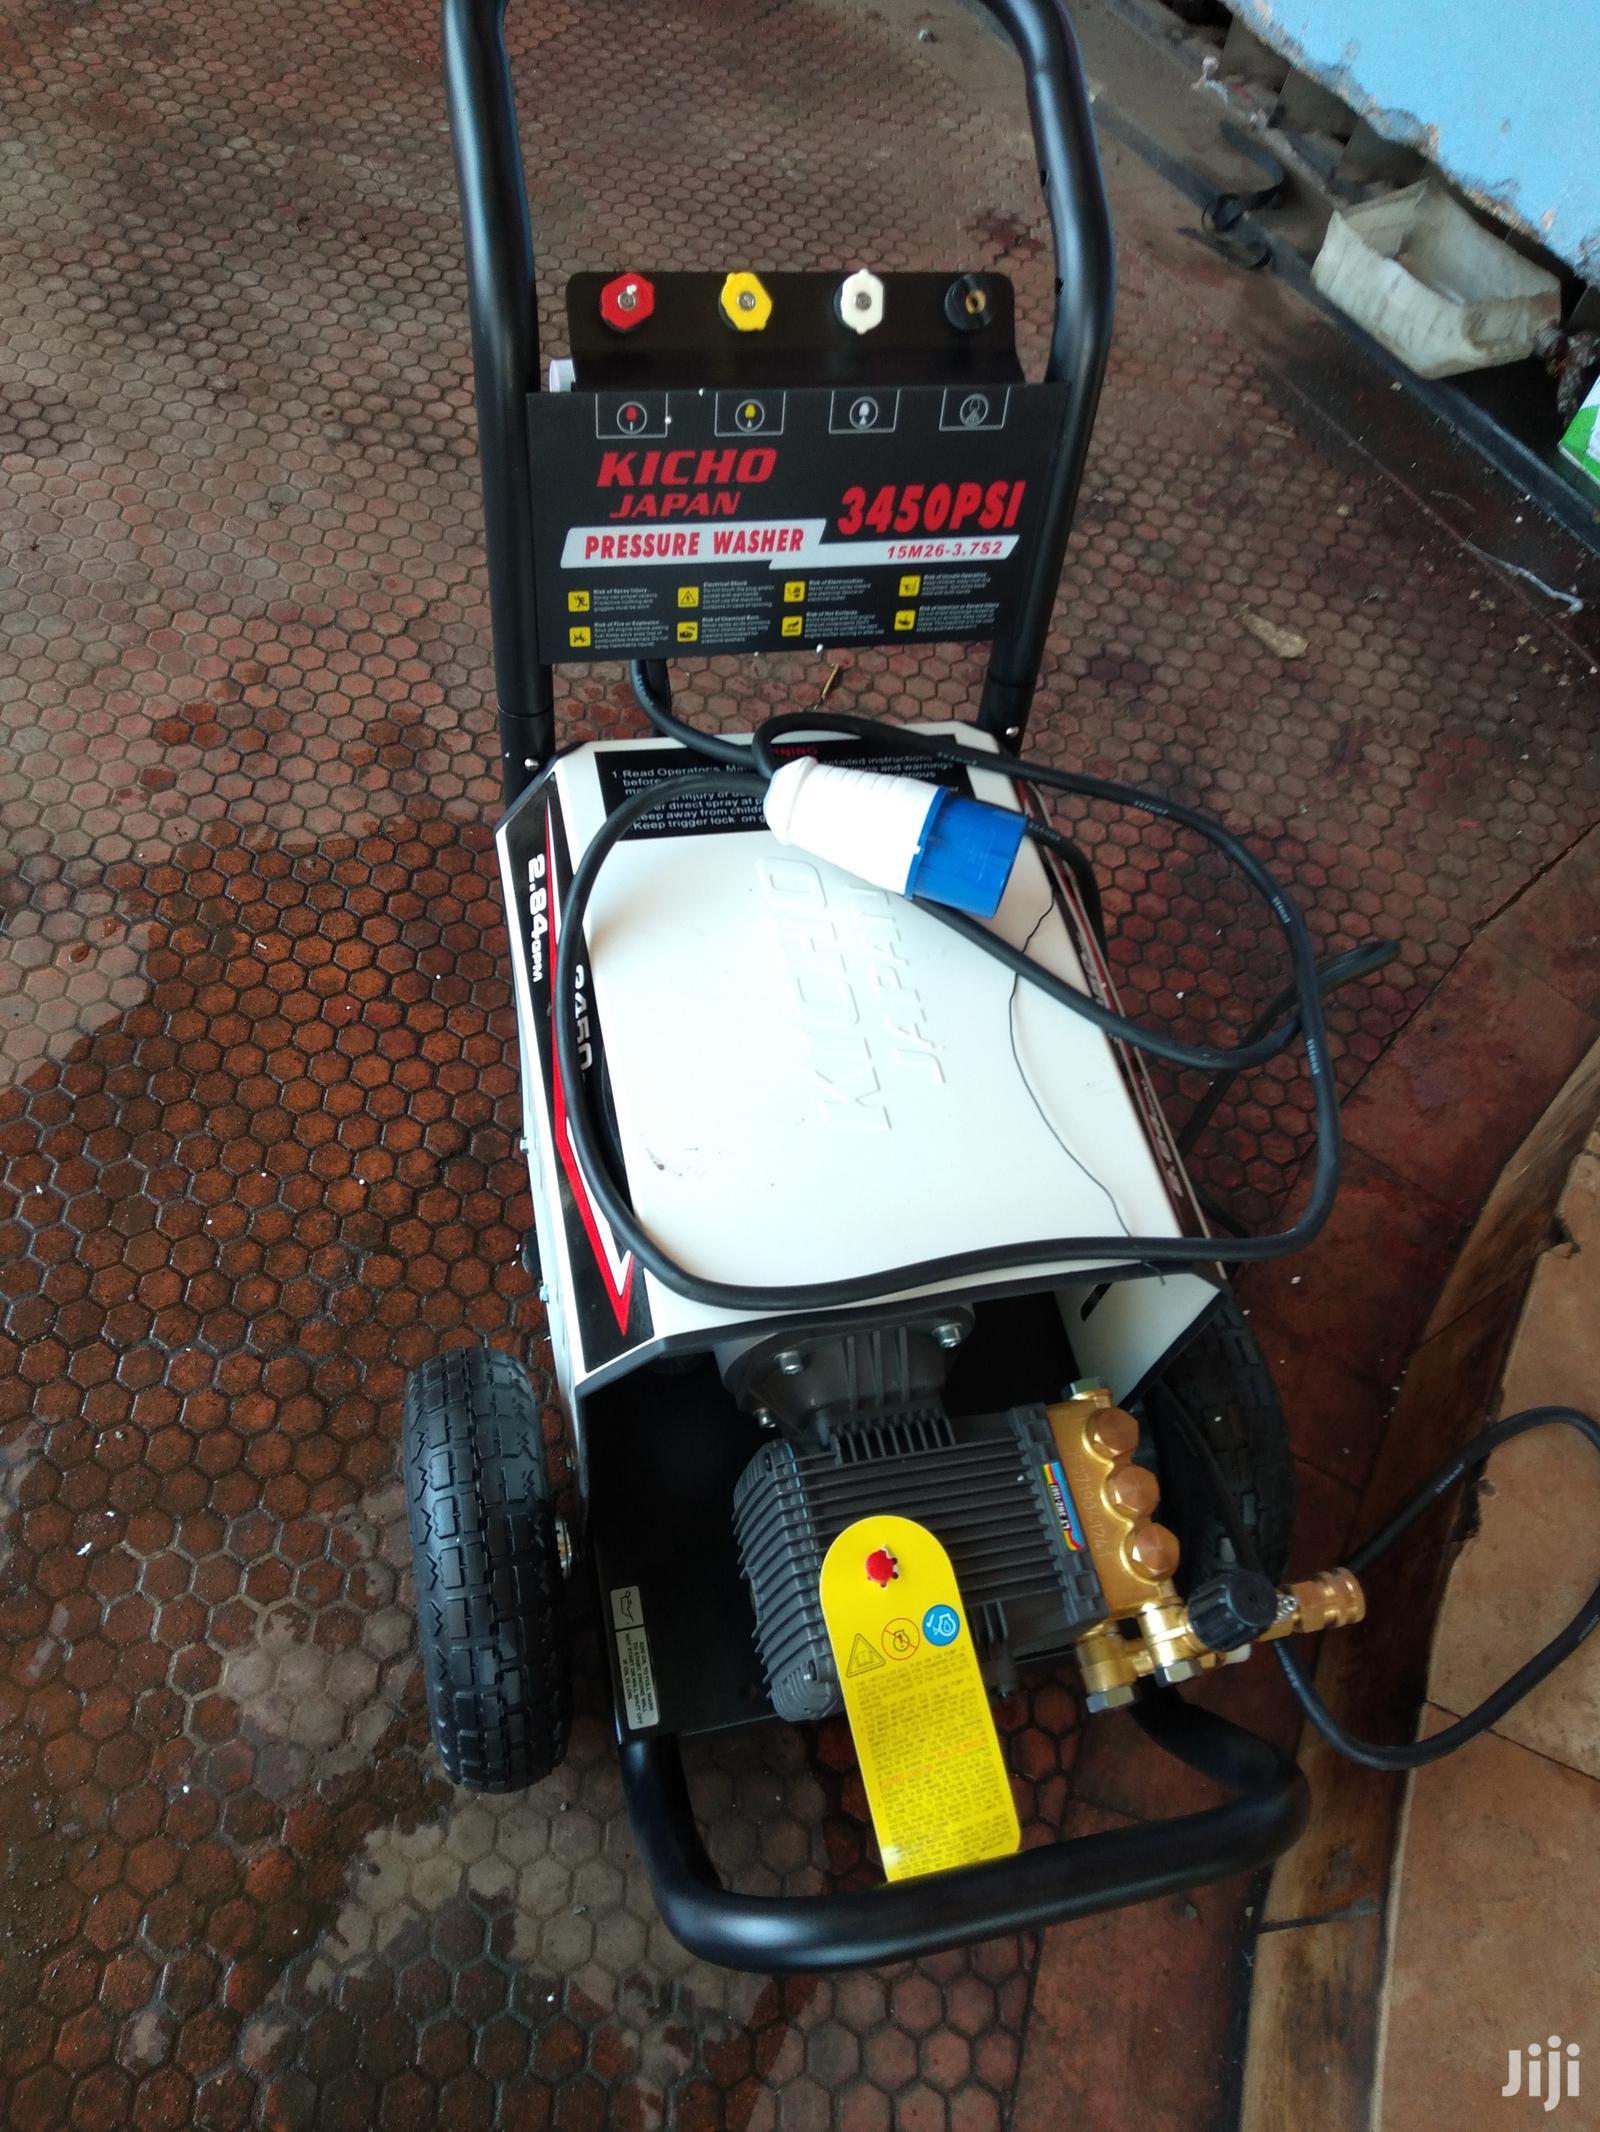 Kicho 3450psi High Pressure Washer Machine